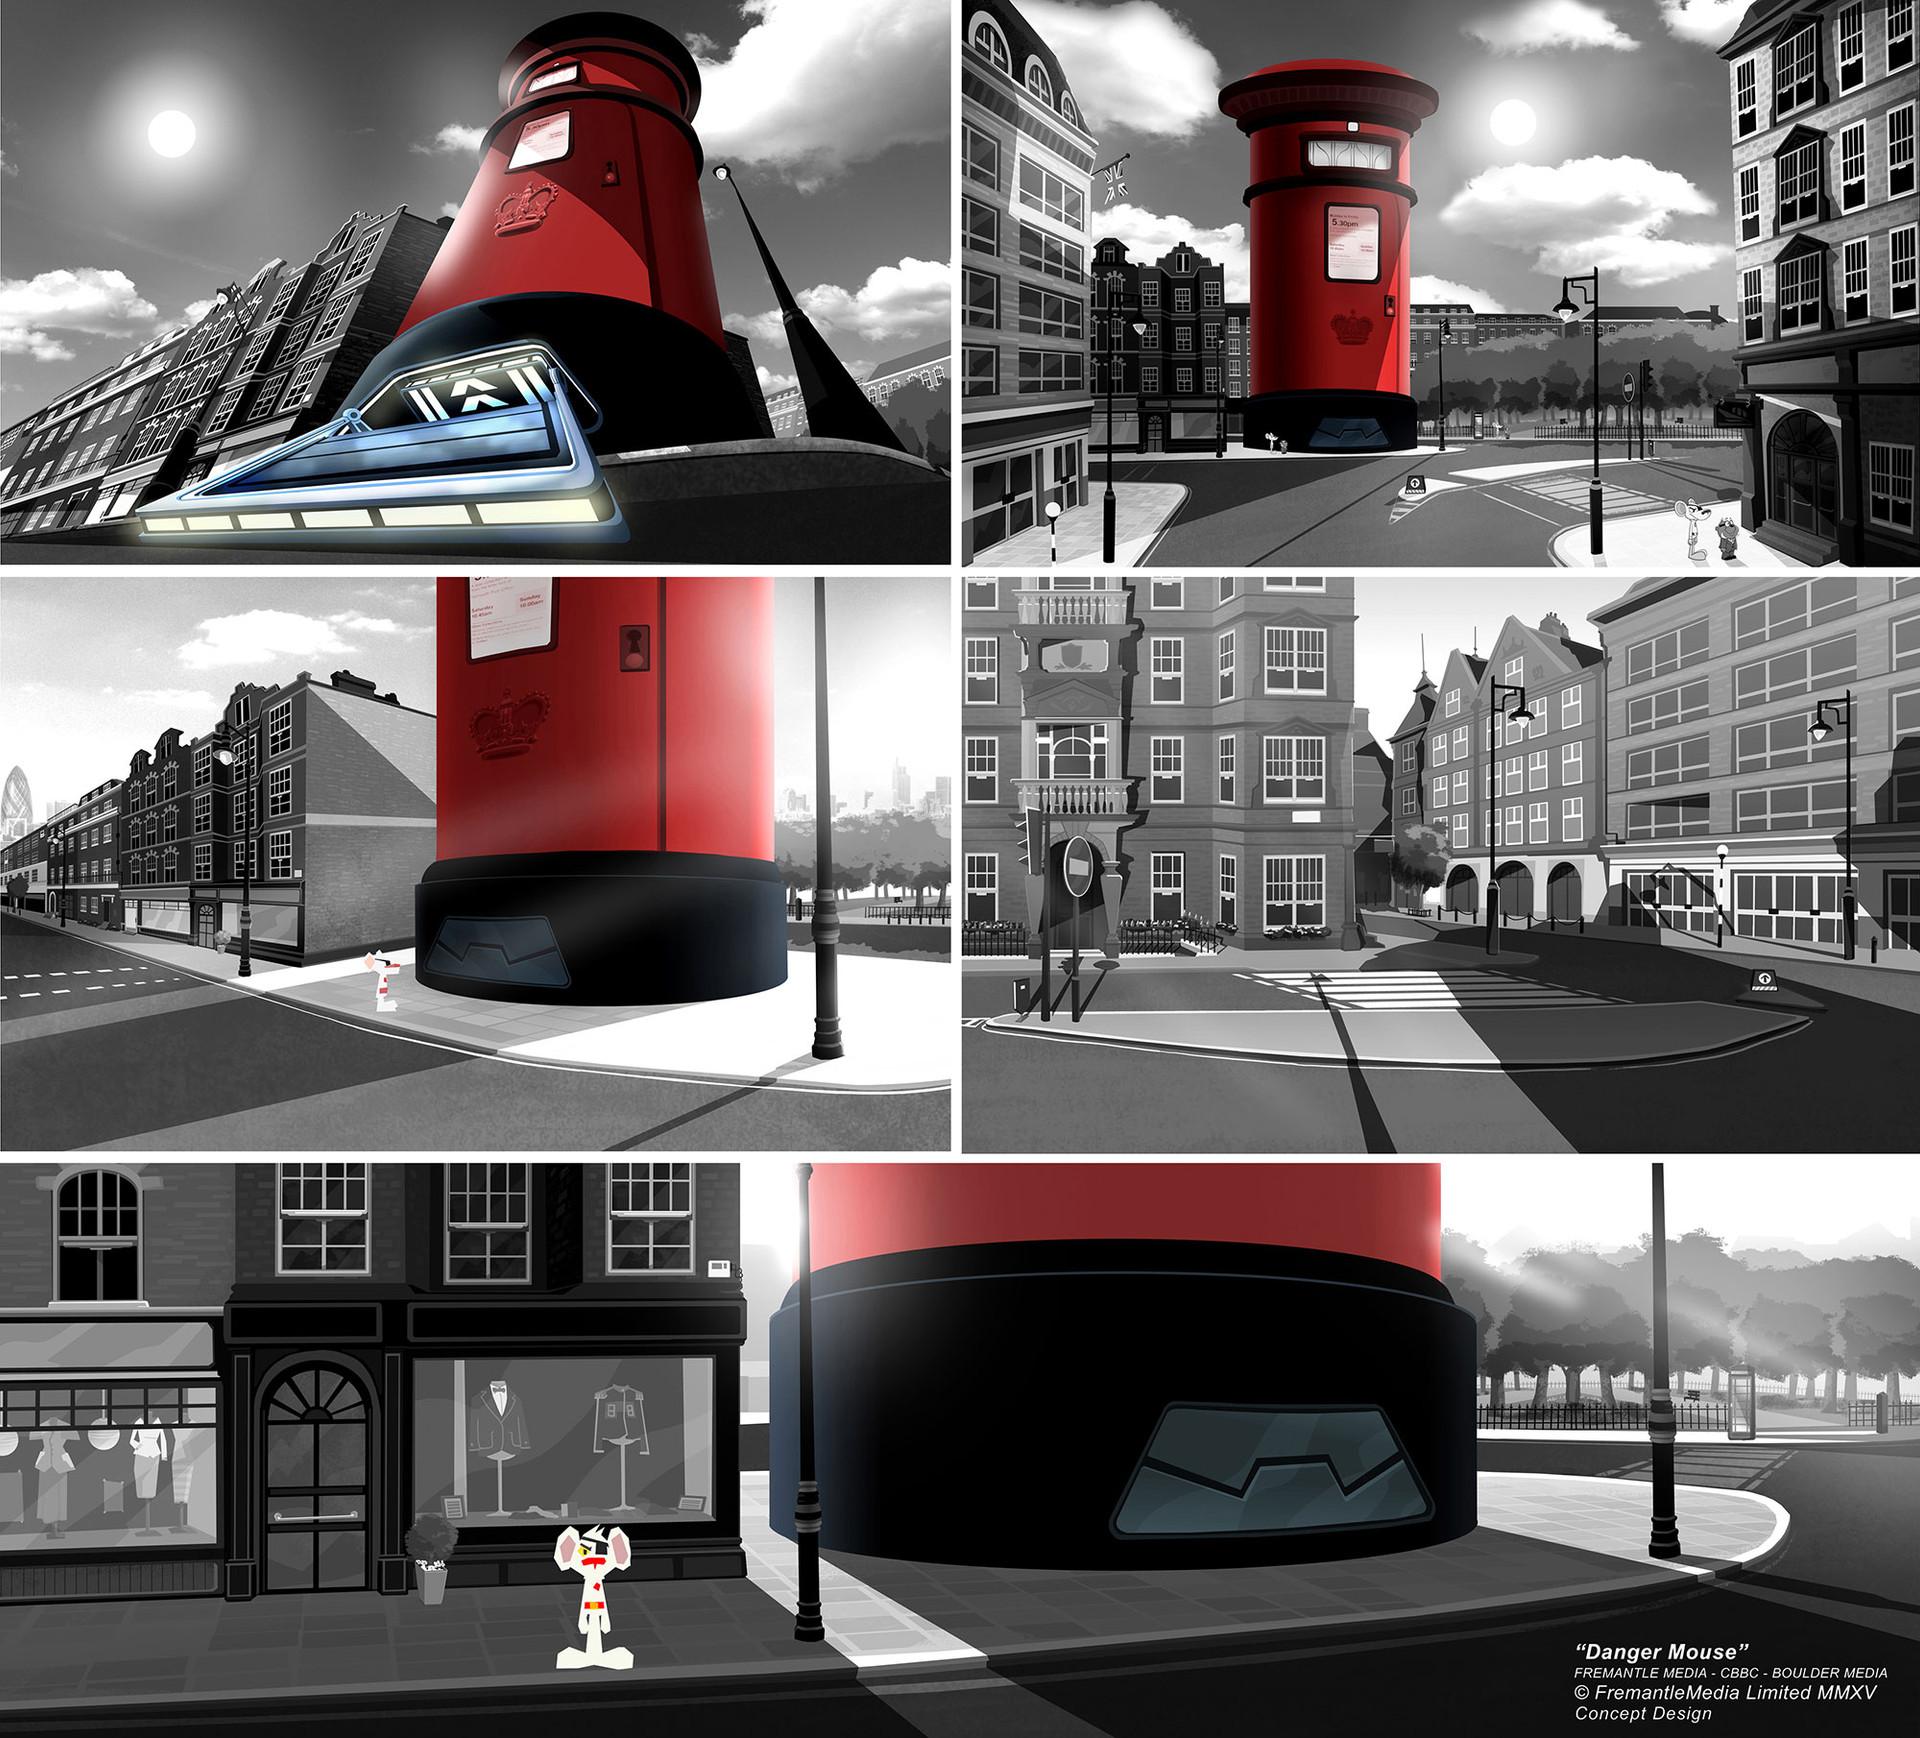 Danger Mouse - Concept Design for HQ